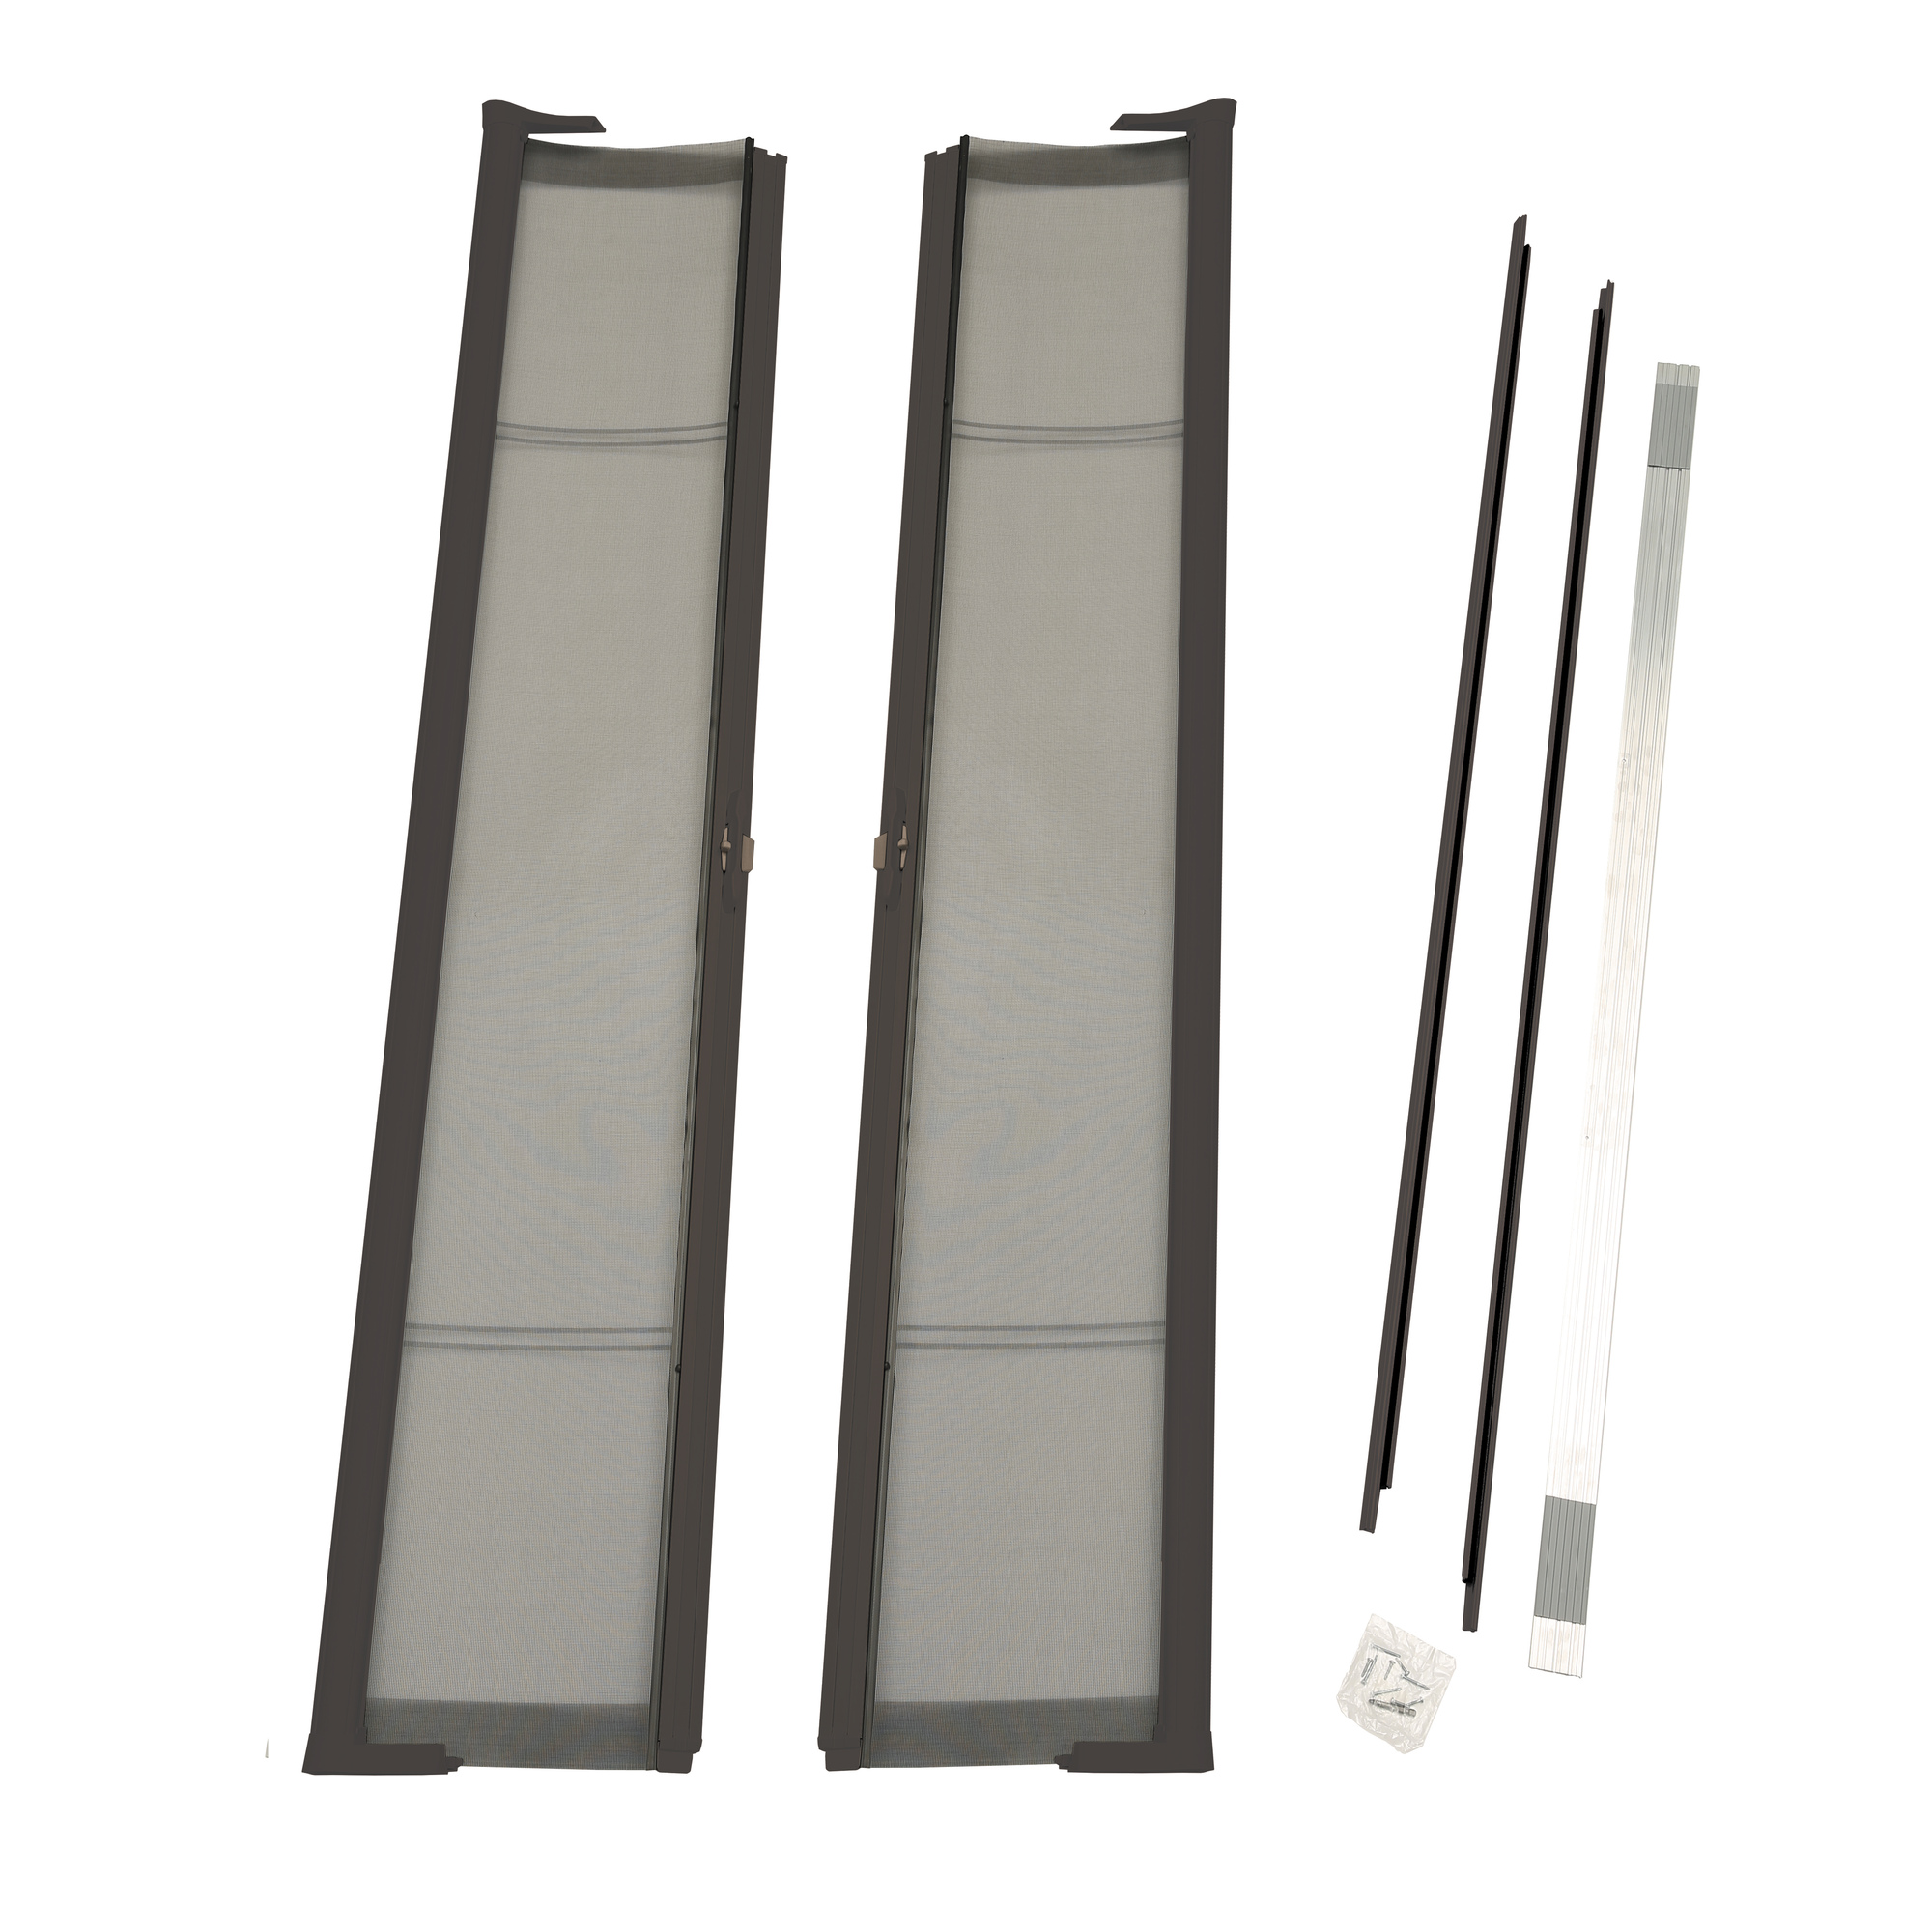 """ODL Brisa Bronze Standard Double Door Single Pack Retractable Screen for 80"""" Inswing/Outswing Doors"""